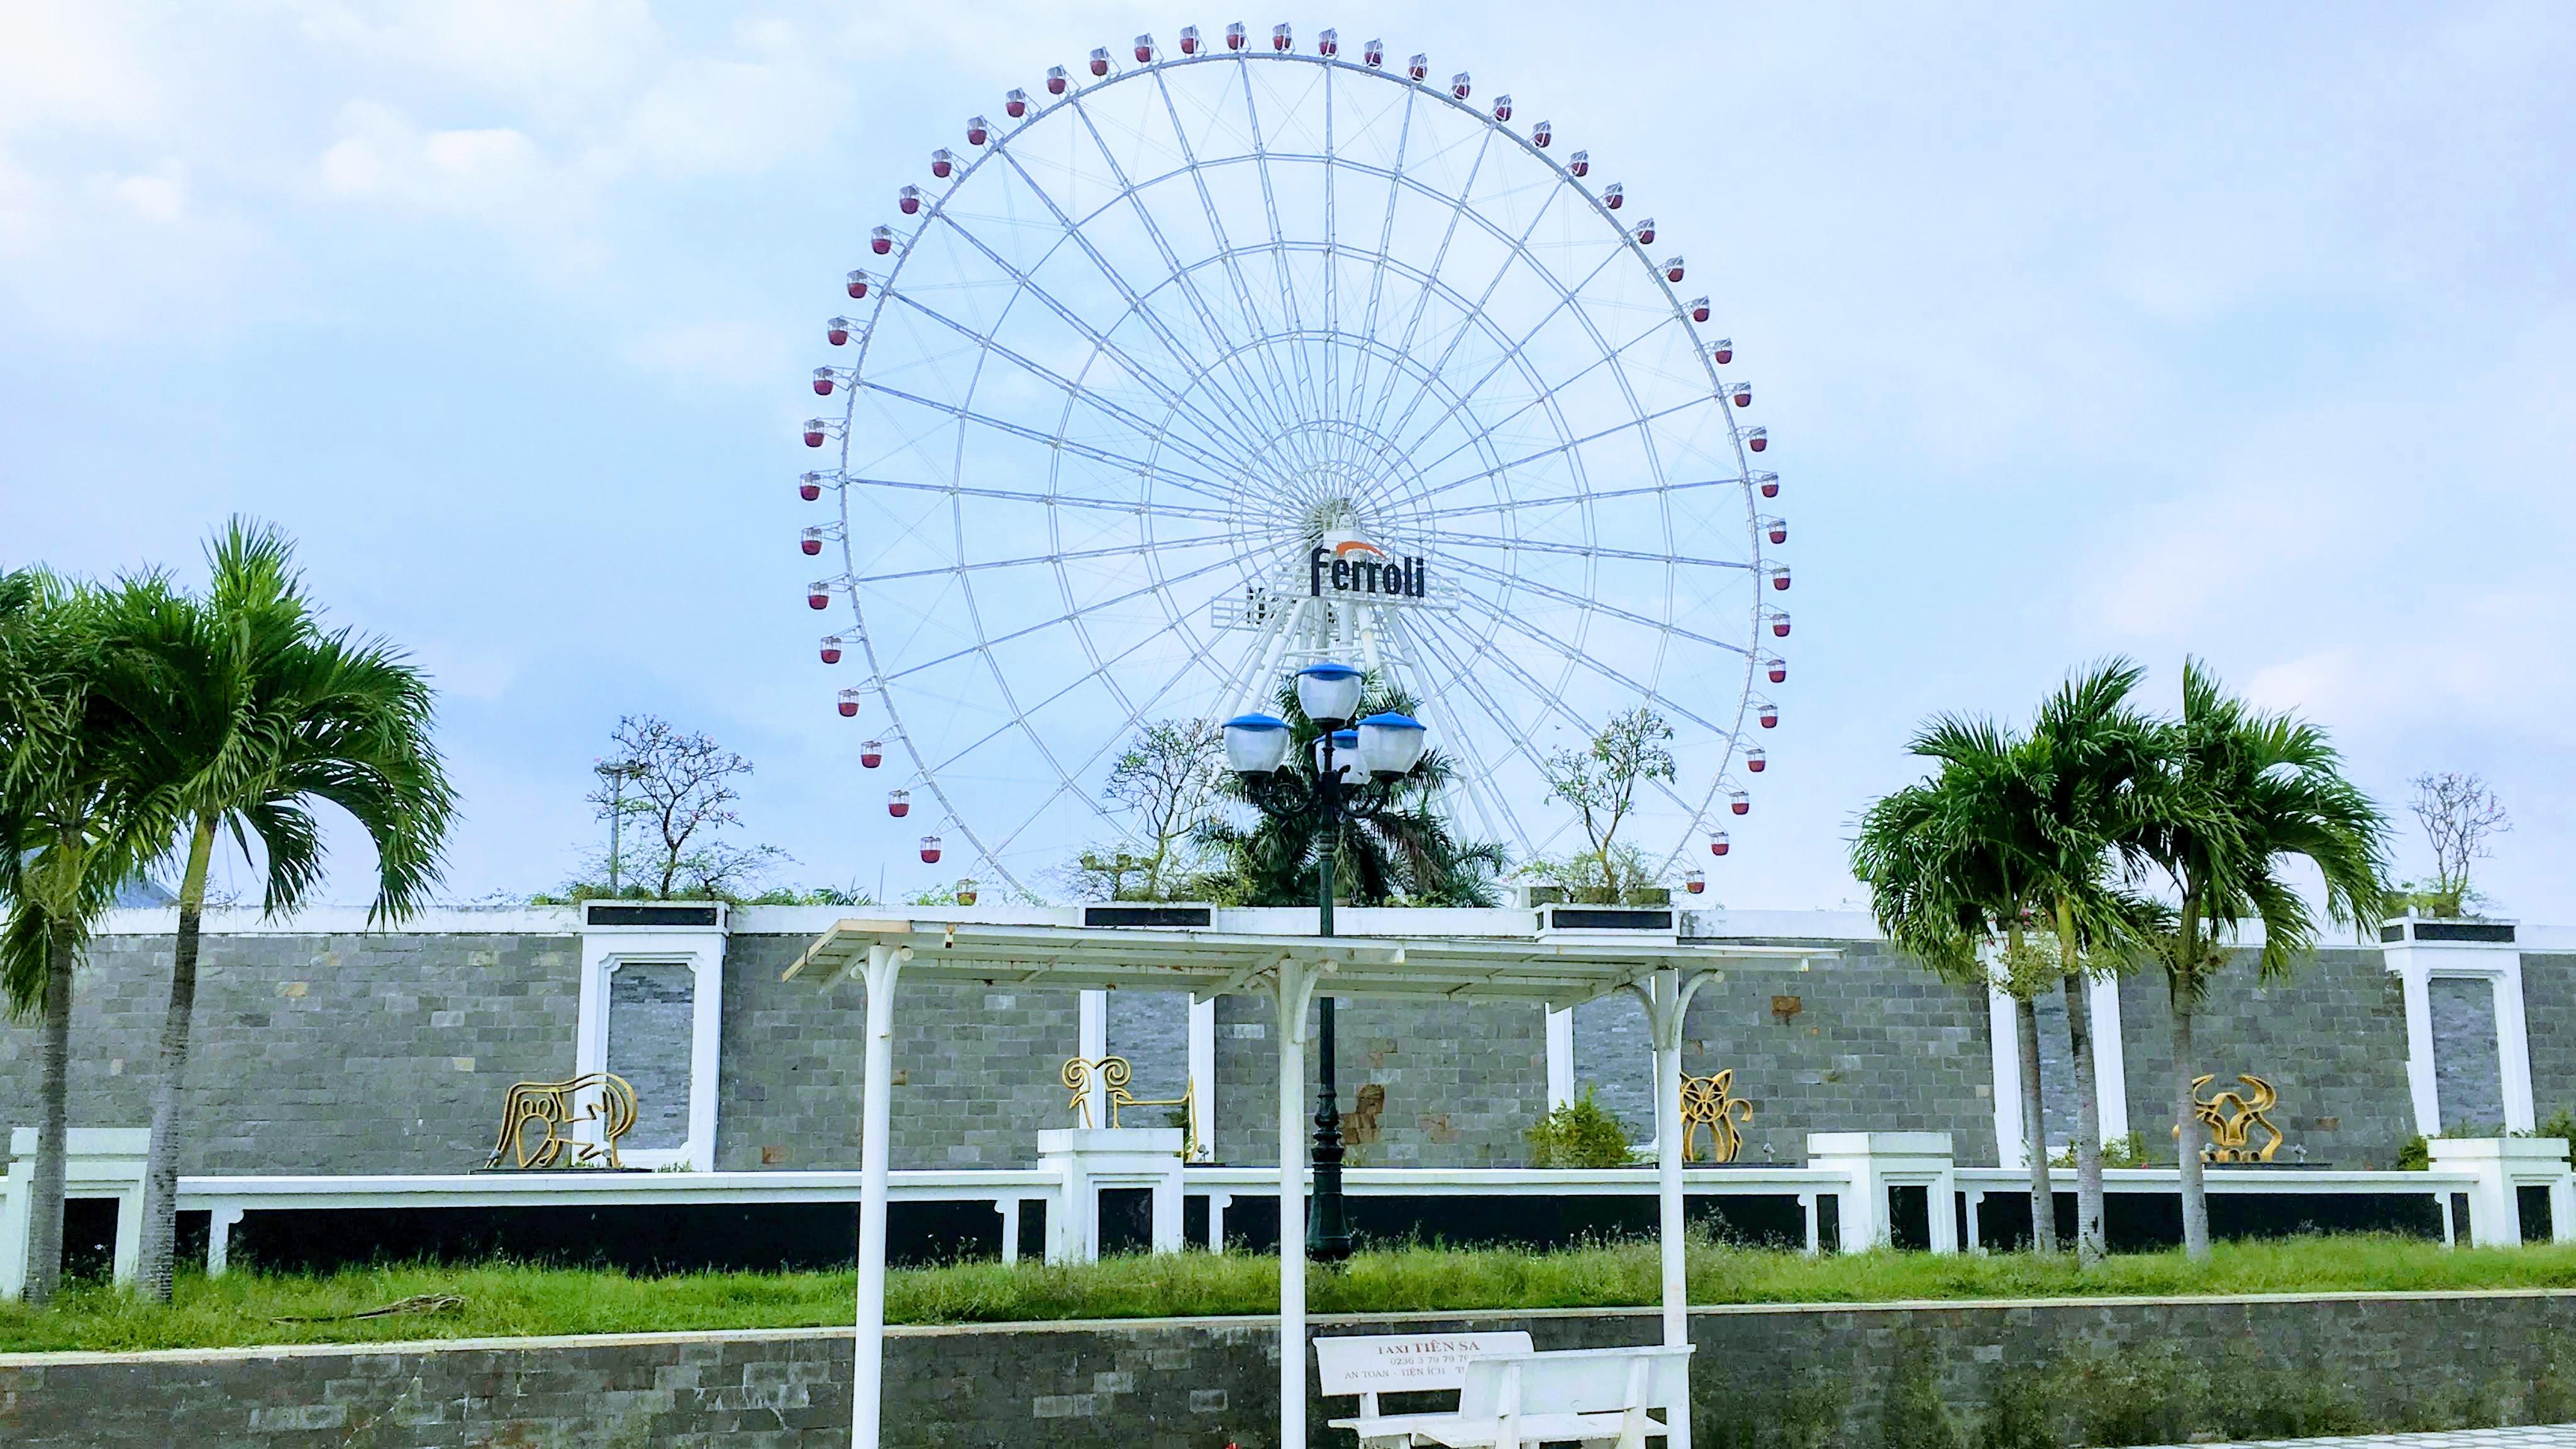 Các điểm du lịch nức tiếng Đà Nẵng trước kì nghỉ lễ 30/4 và 1/5 - Ảnh 21.